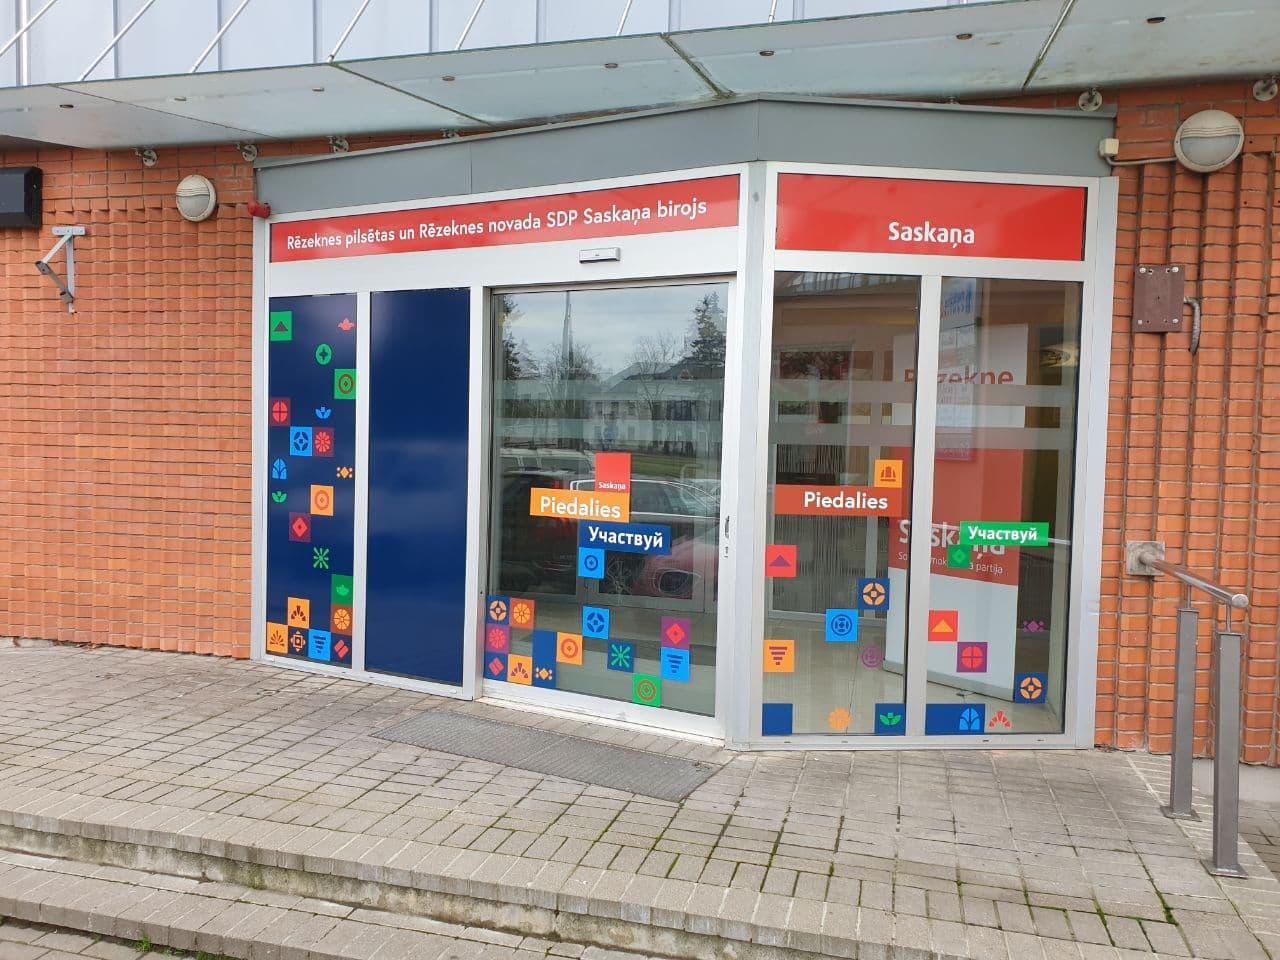 Ceturtdien, 12. novembrī, Rēzeknē tika atvērts sociāldemokrātiskās partijas «Saskaņa» birojs